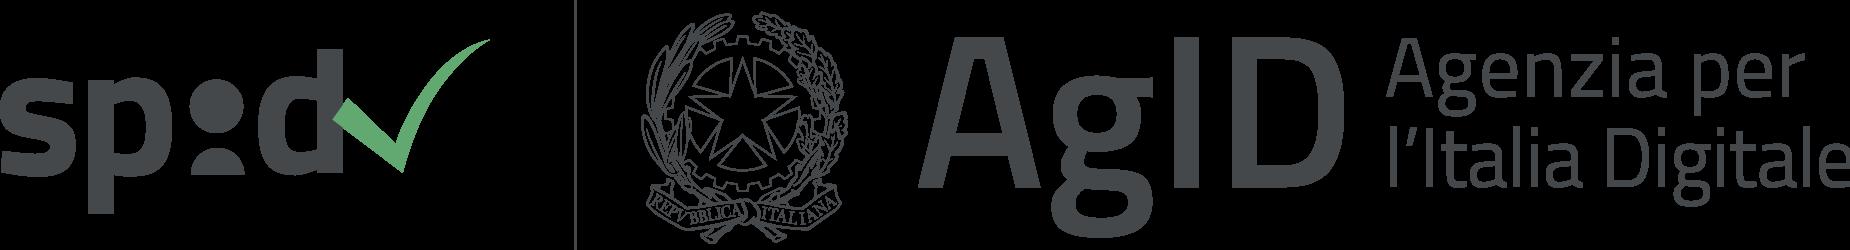 logo SPID Sistema Pubblico di Identità Digitale e di AgID Agenzia per l'Italia Digitale del Governo Italiano (fonte impresainungiorno.gov.it)